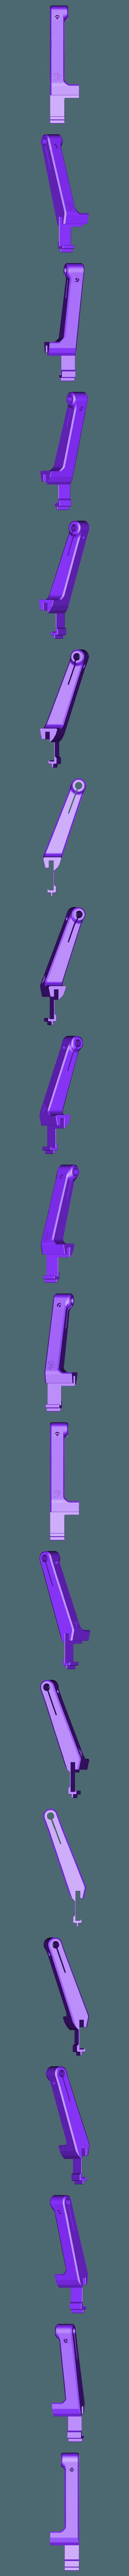 spool holder short 10mm.stl Télécharger fichier STL gratuit Porte-bobine polyvalent pour Prusa MK2/3 (et cadres d'extrusion 2020)) • Design imprimable en 3D, Stamos